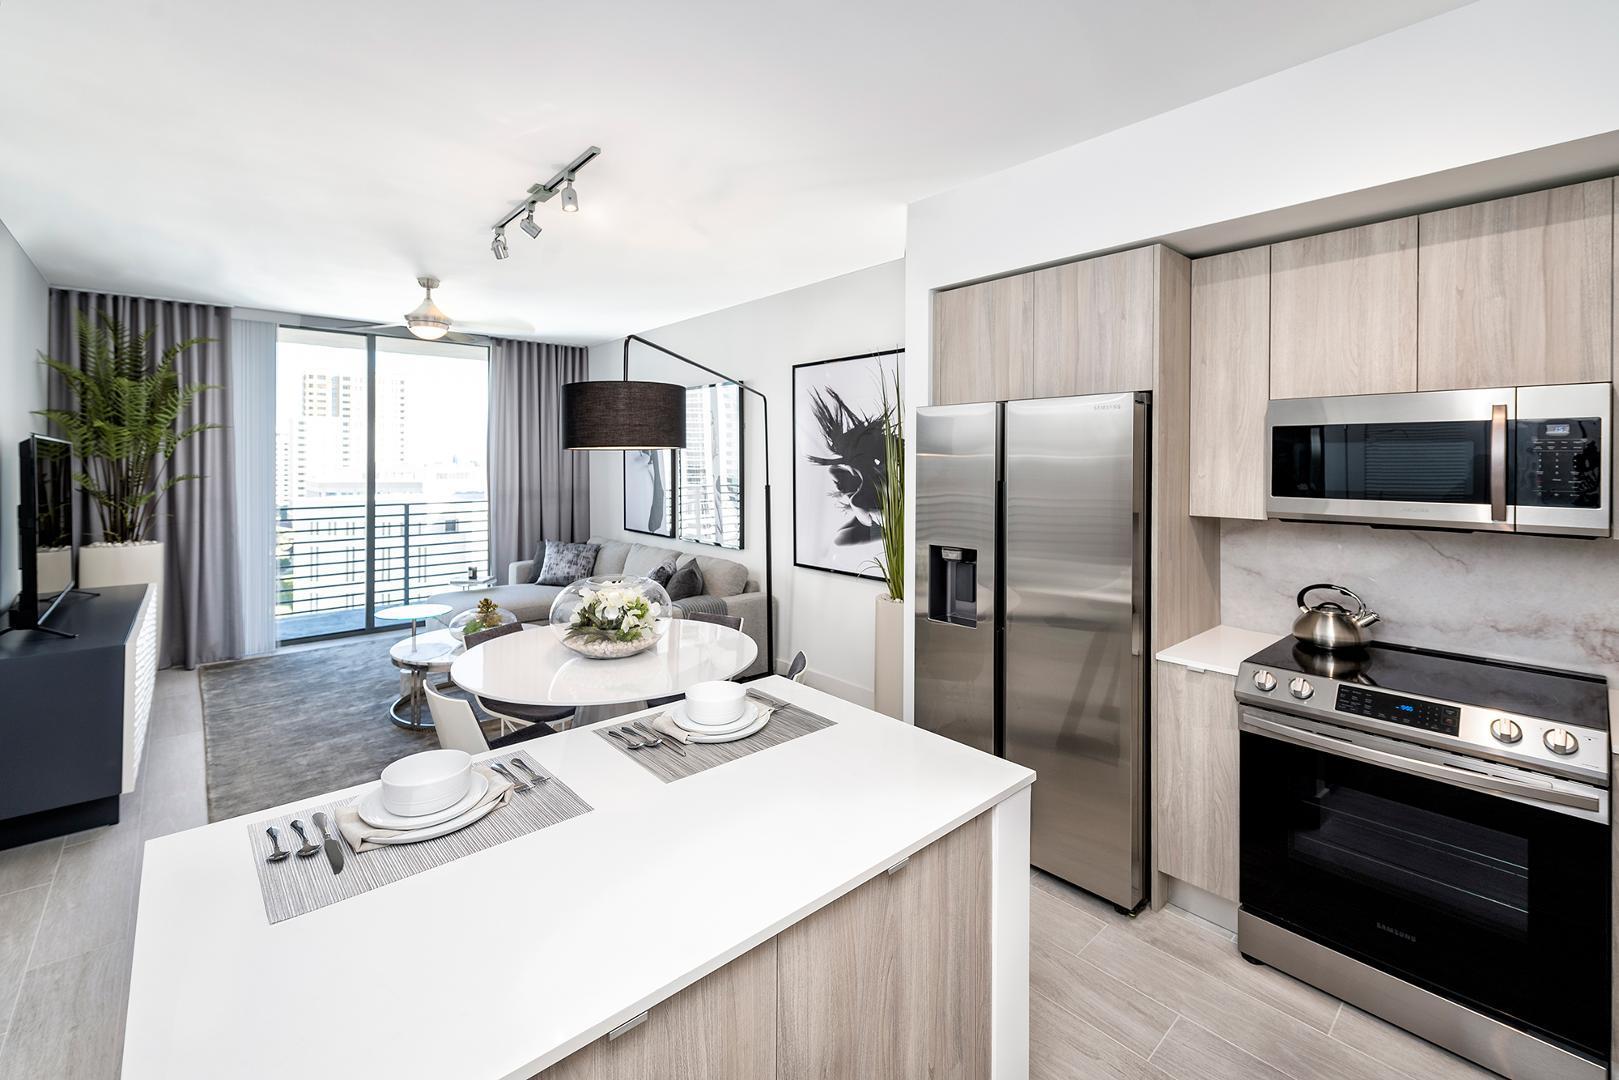 416 SW 1st Avenue #215, Fort Lauderdale, FL - $2,444 USD/ month